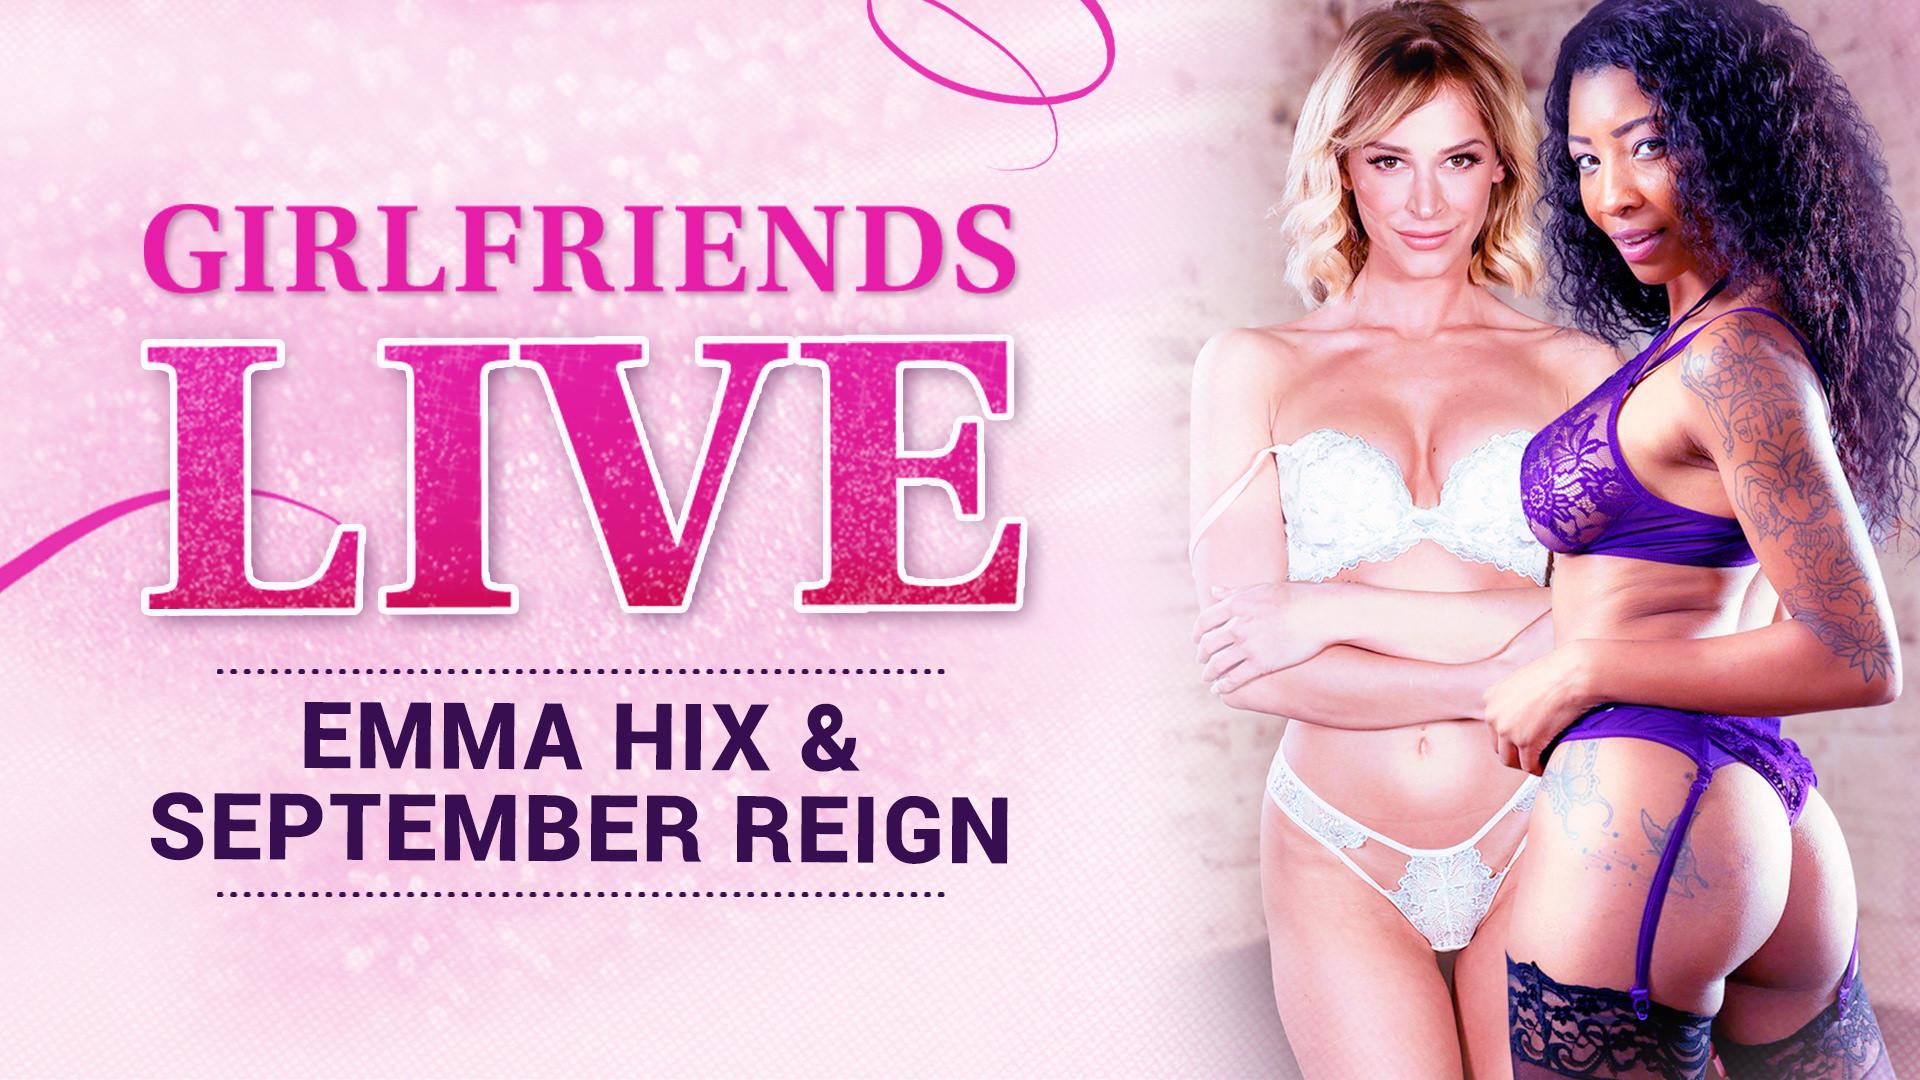 Girlfriends Live - Emma Hix & September Reign, Scene #01 - Girlfriends Films